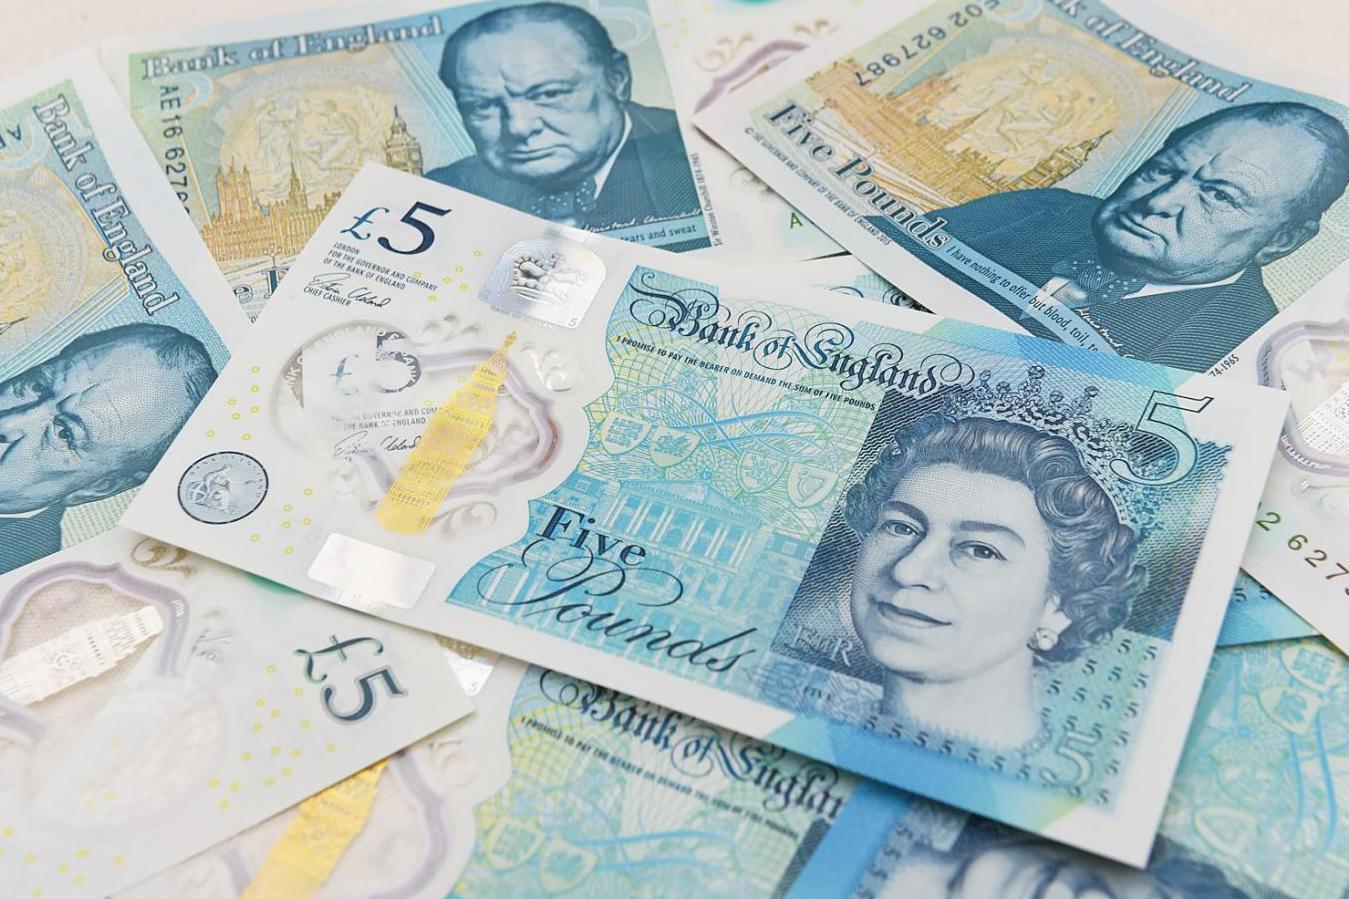 Egy £5-os maradt, ami £50,000-ot ér, és bárki zsebében ott lapulhat 1